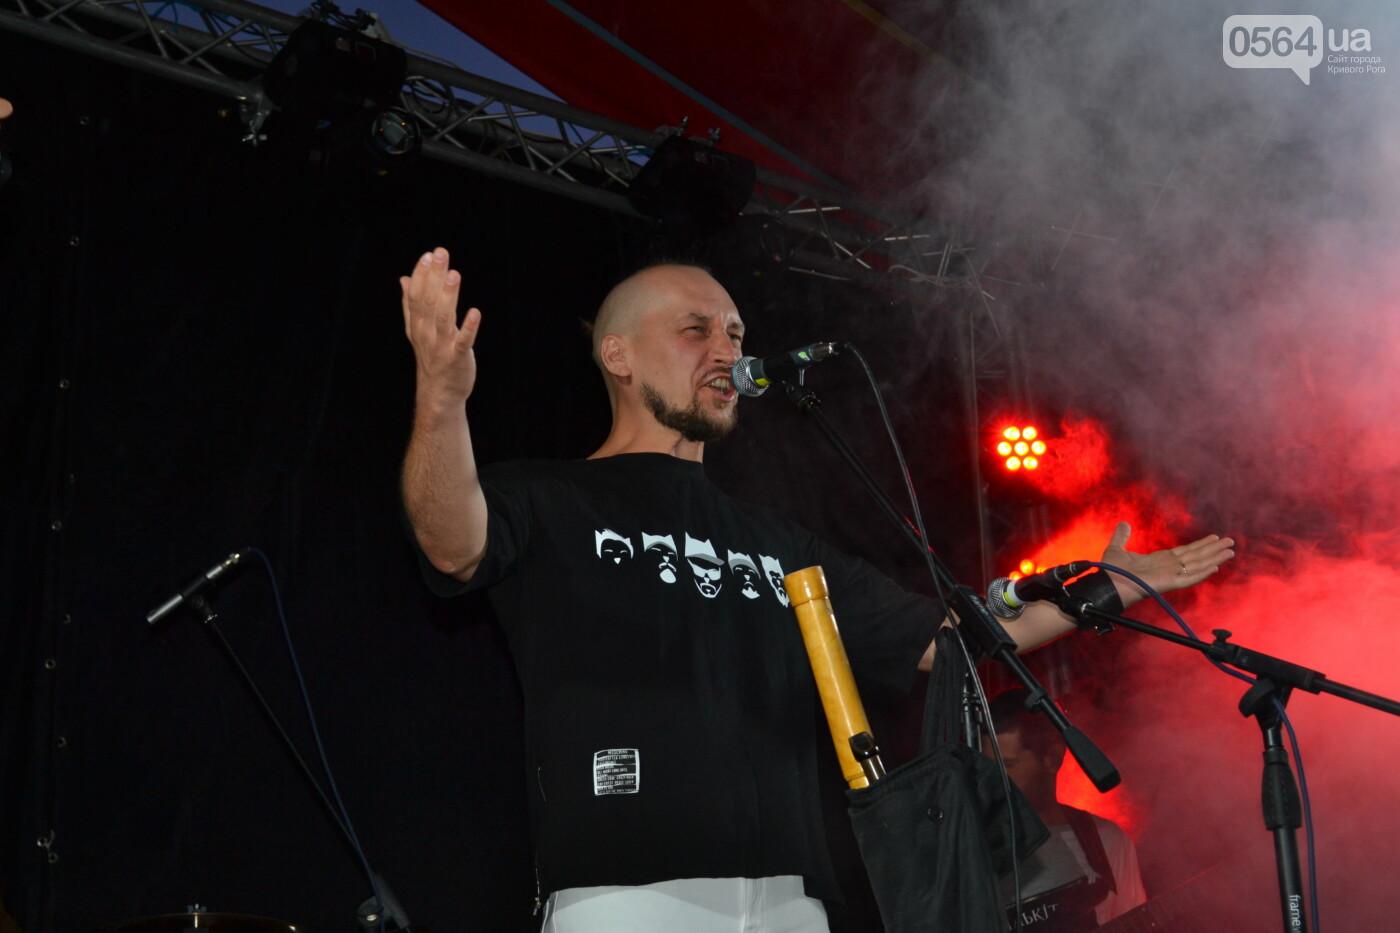 """Музыканты раскрыли душу, а зрители - открыли сердца: лица и эмоции на  криворожском рок-фесте """"ЗаліZна міць"""", - ФОТО, фото-31"""